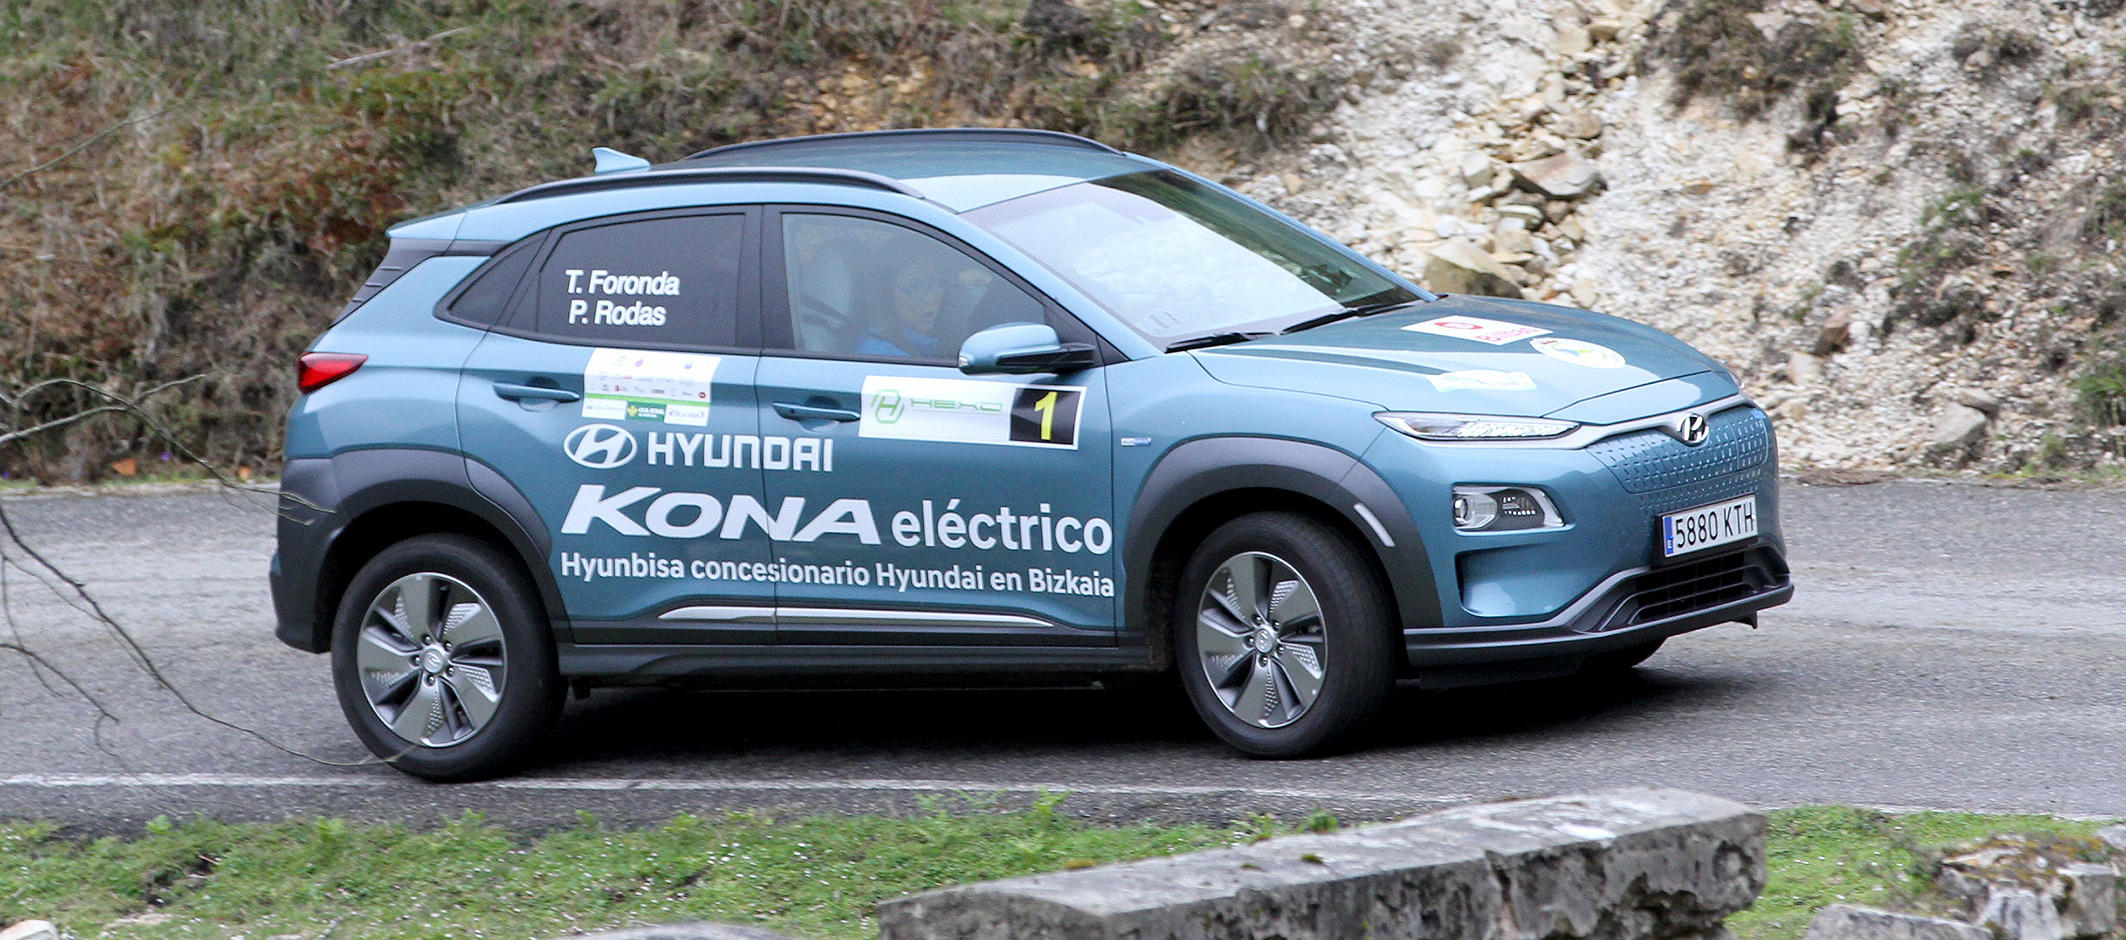 Mañana empieza el Eco Rallye Bilbao Petronor